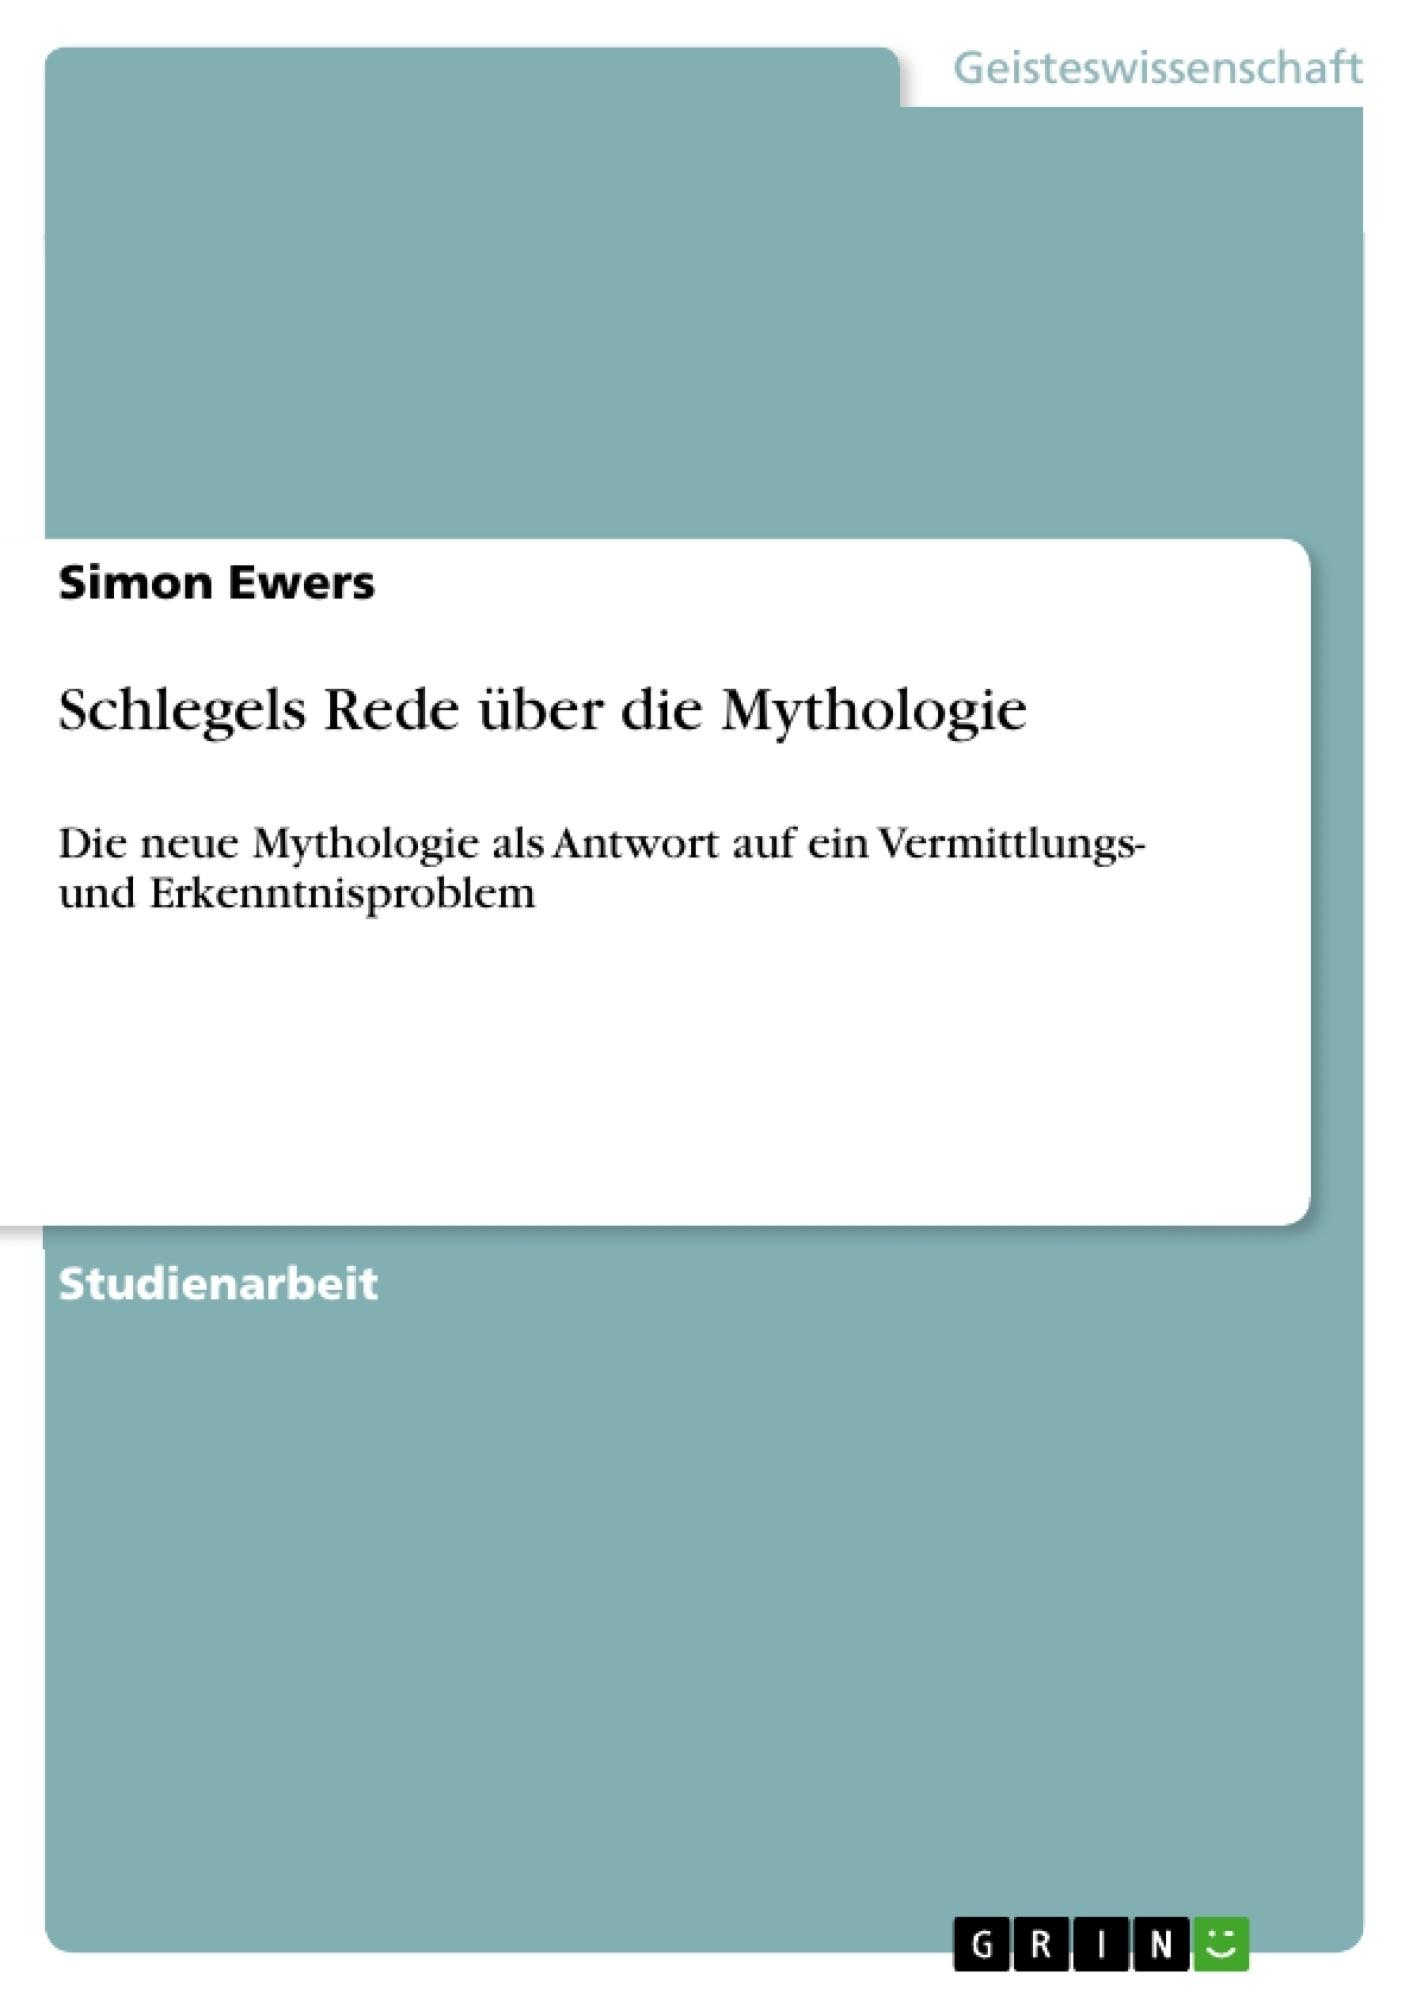 Titel: Schlegels Rede über die Mythologie